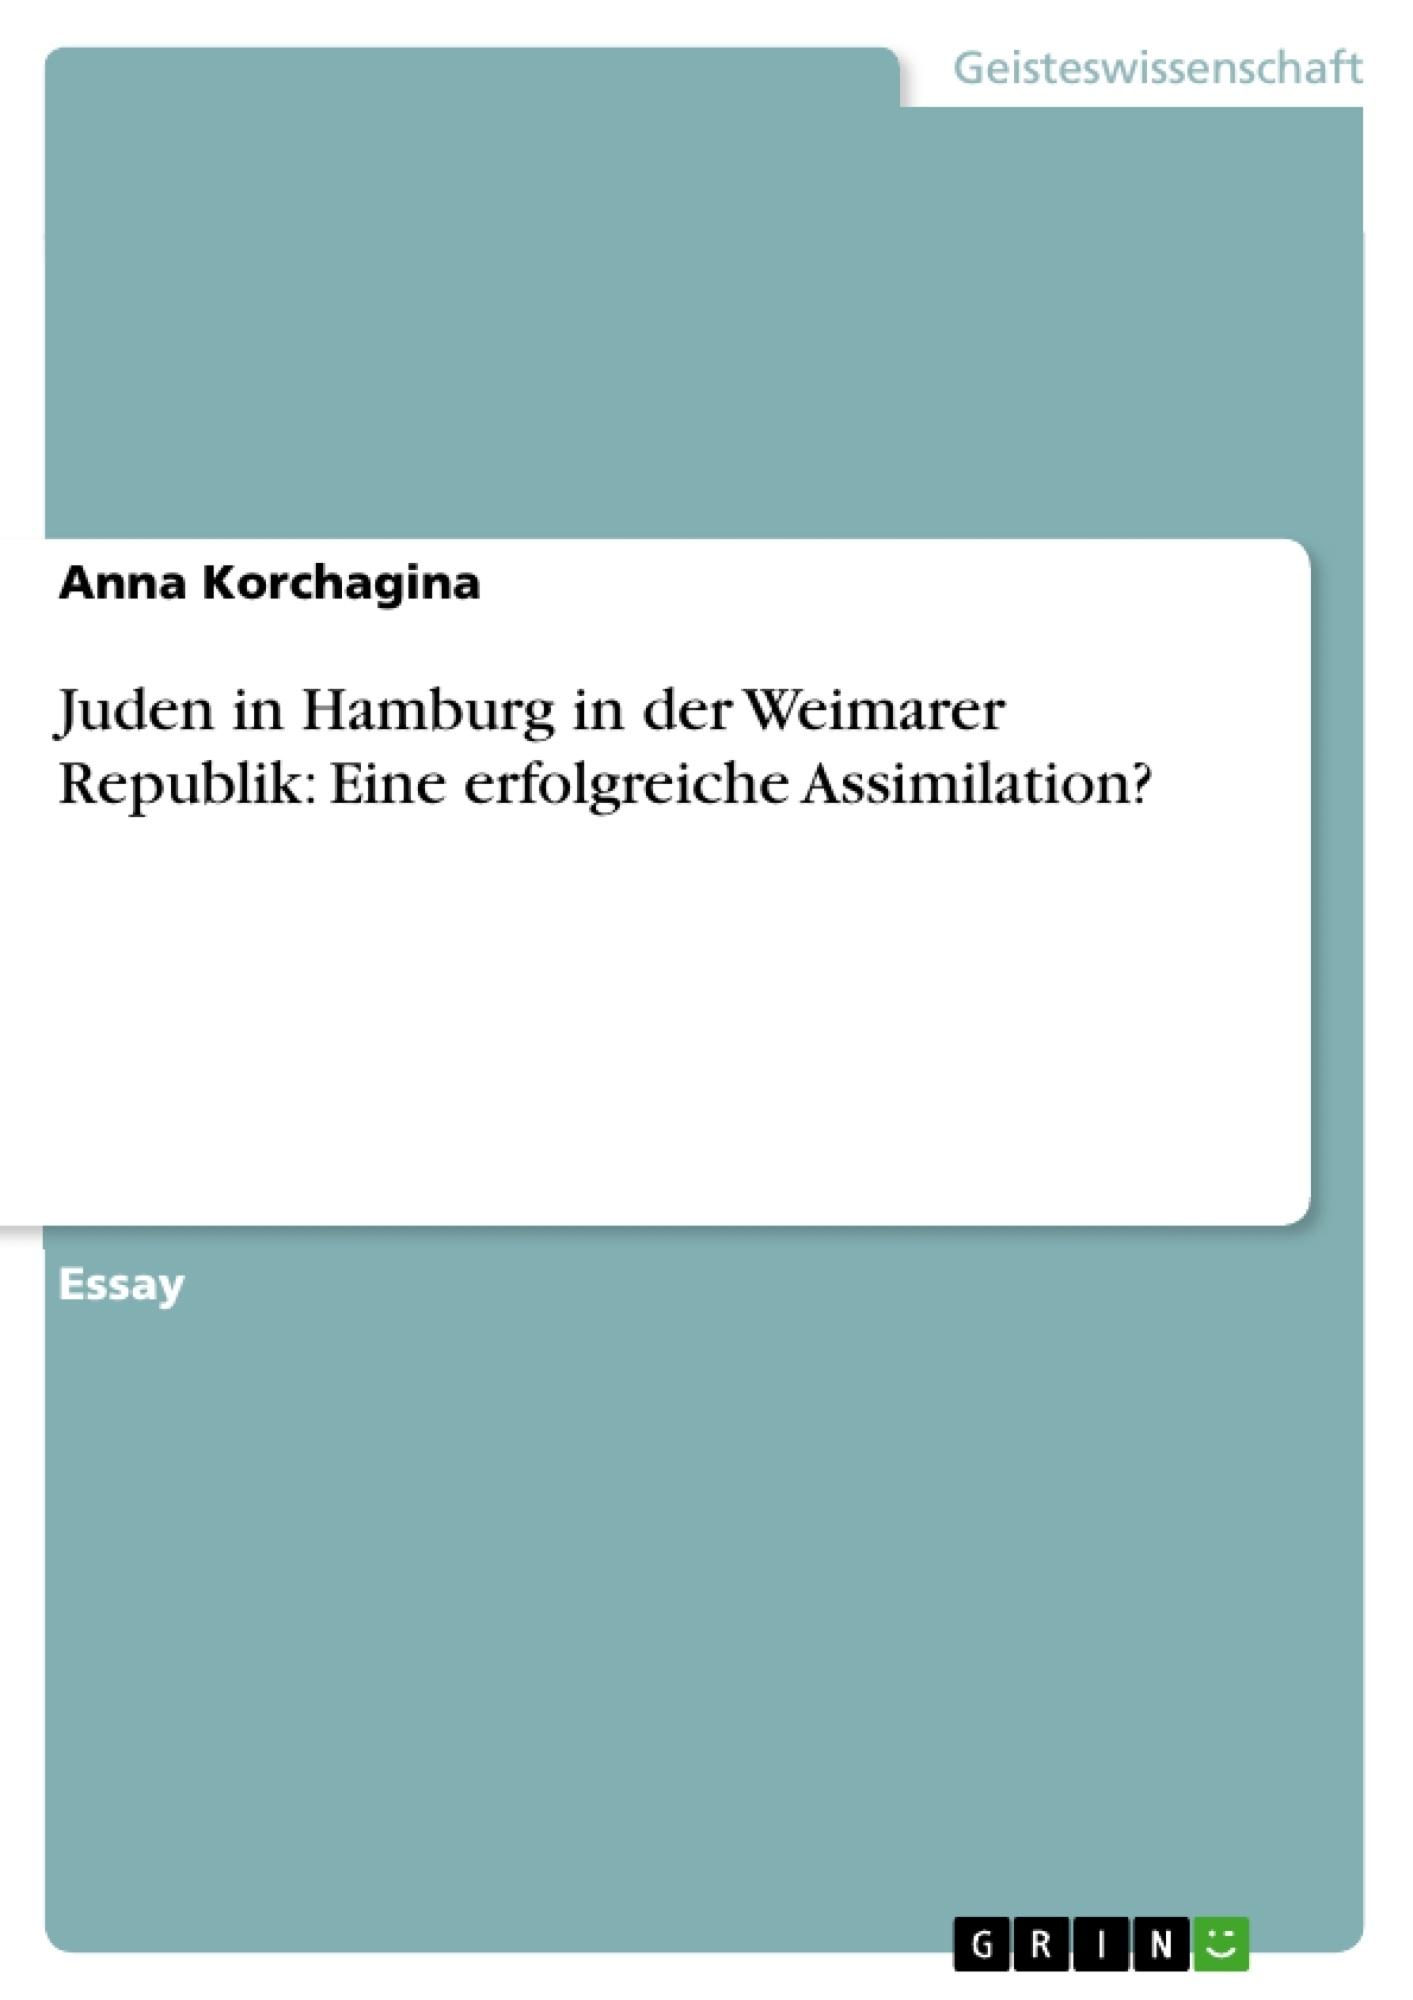 Titel: Juden in Hamburg in der Weimarer Republik: Eine erfolgreiche Assimilation?